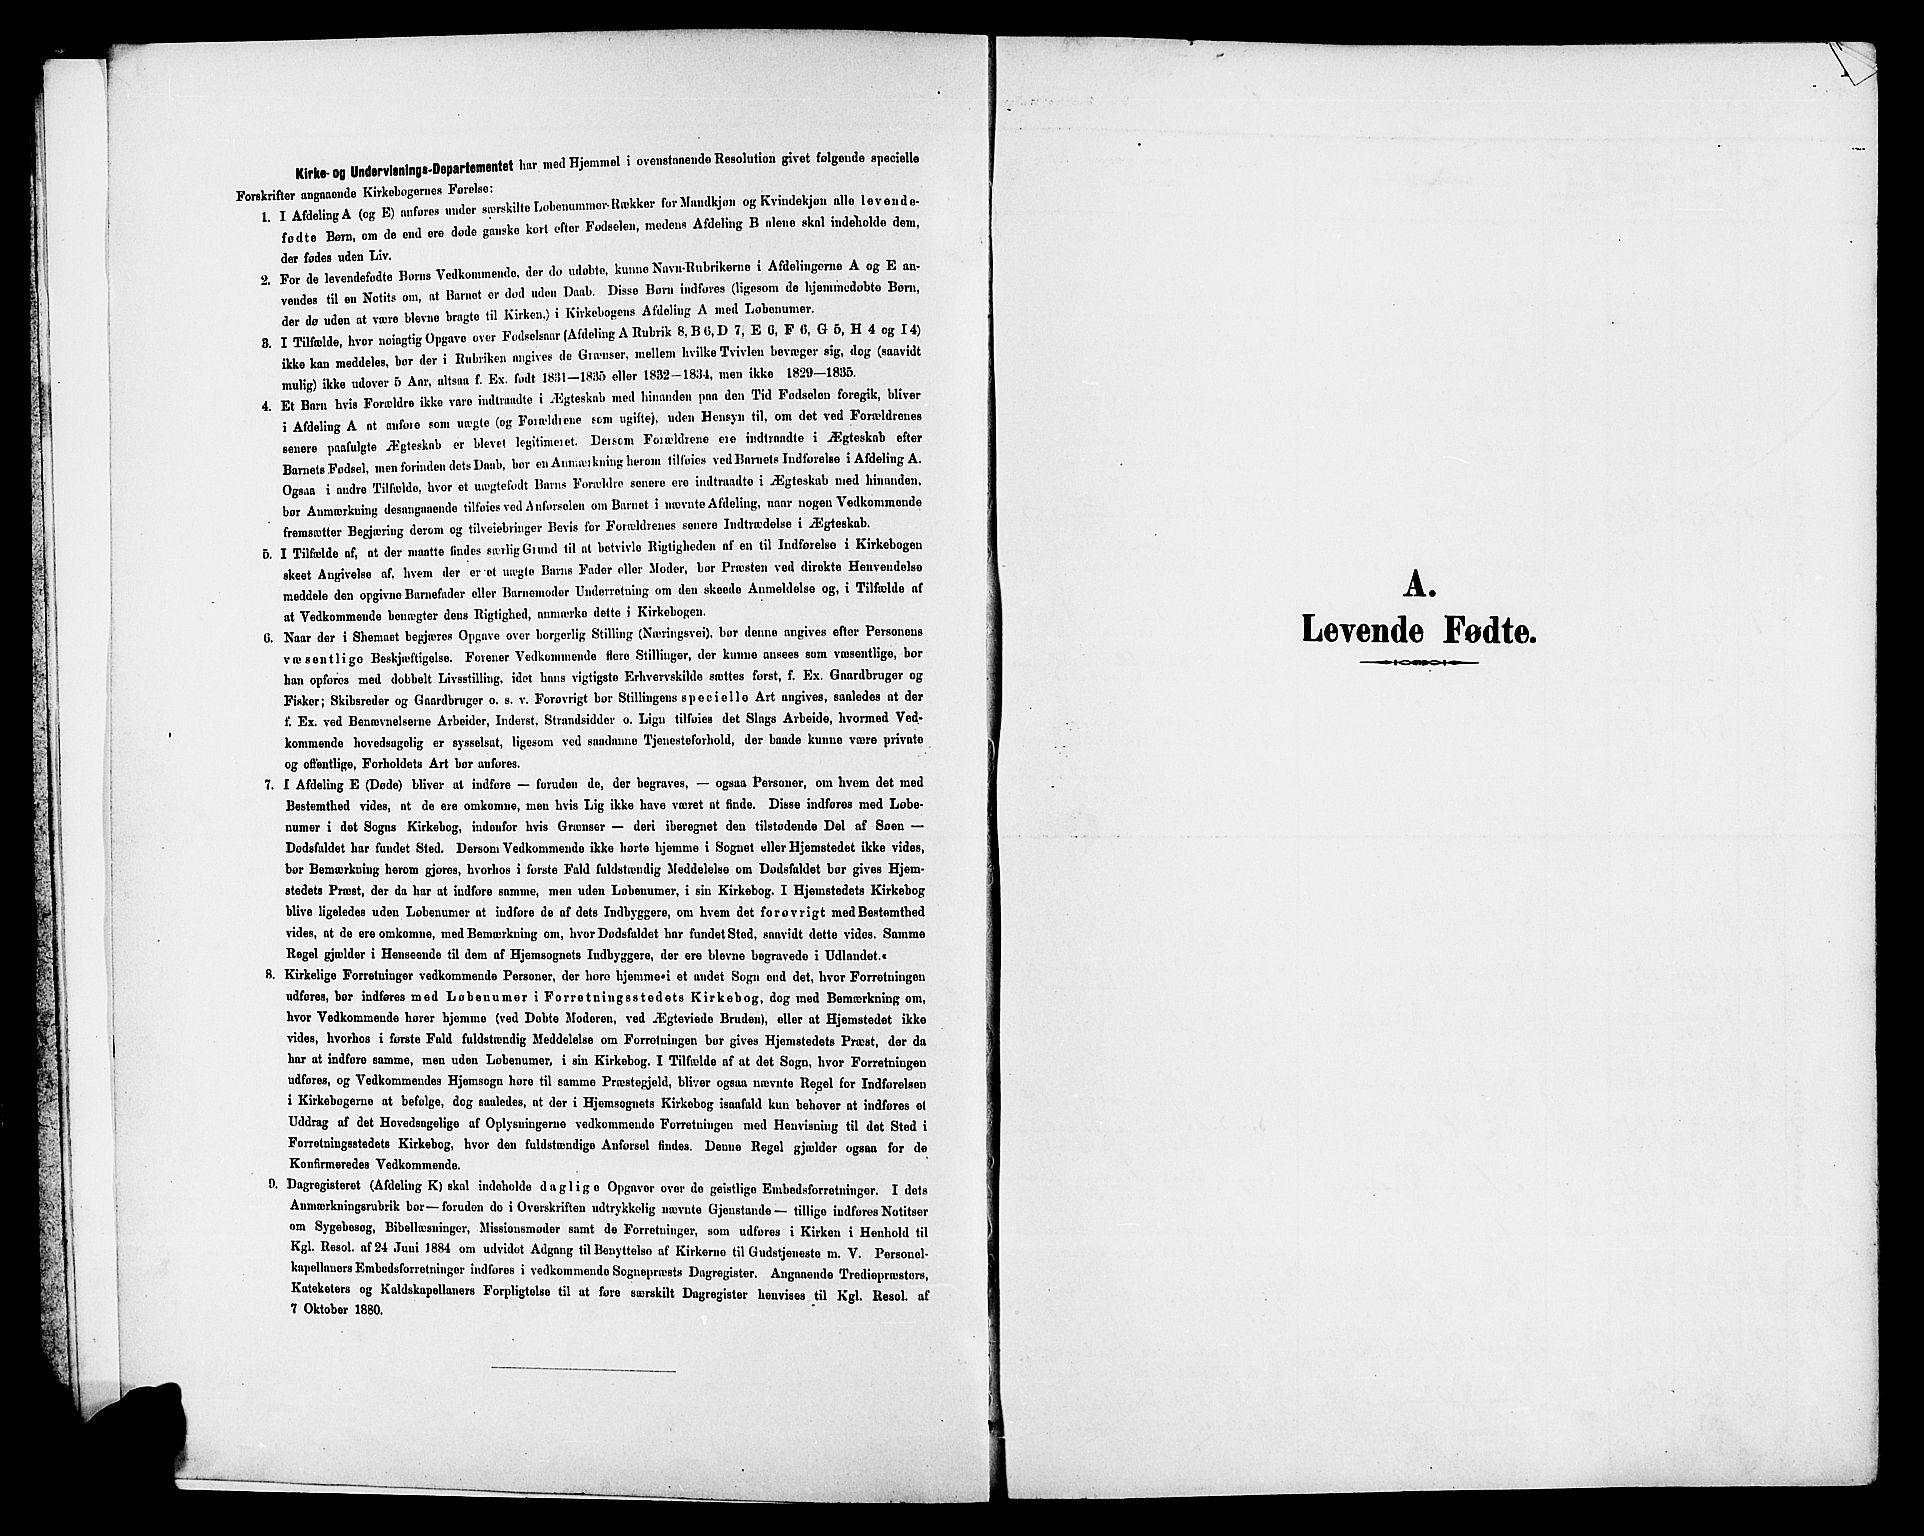 SAKO, Eidanger kirkebøker, G/Ga/L0003: Klokkerbok nr. 3, 1893-1911, s. 1